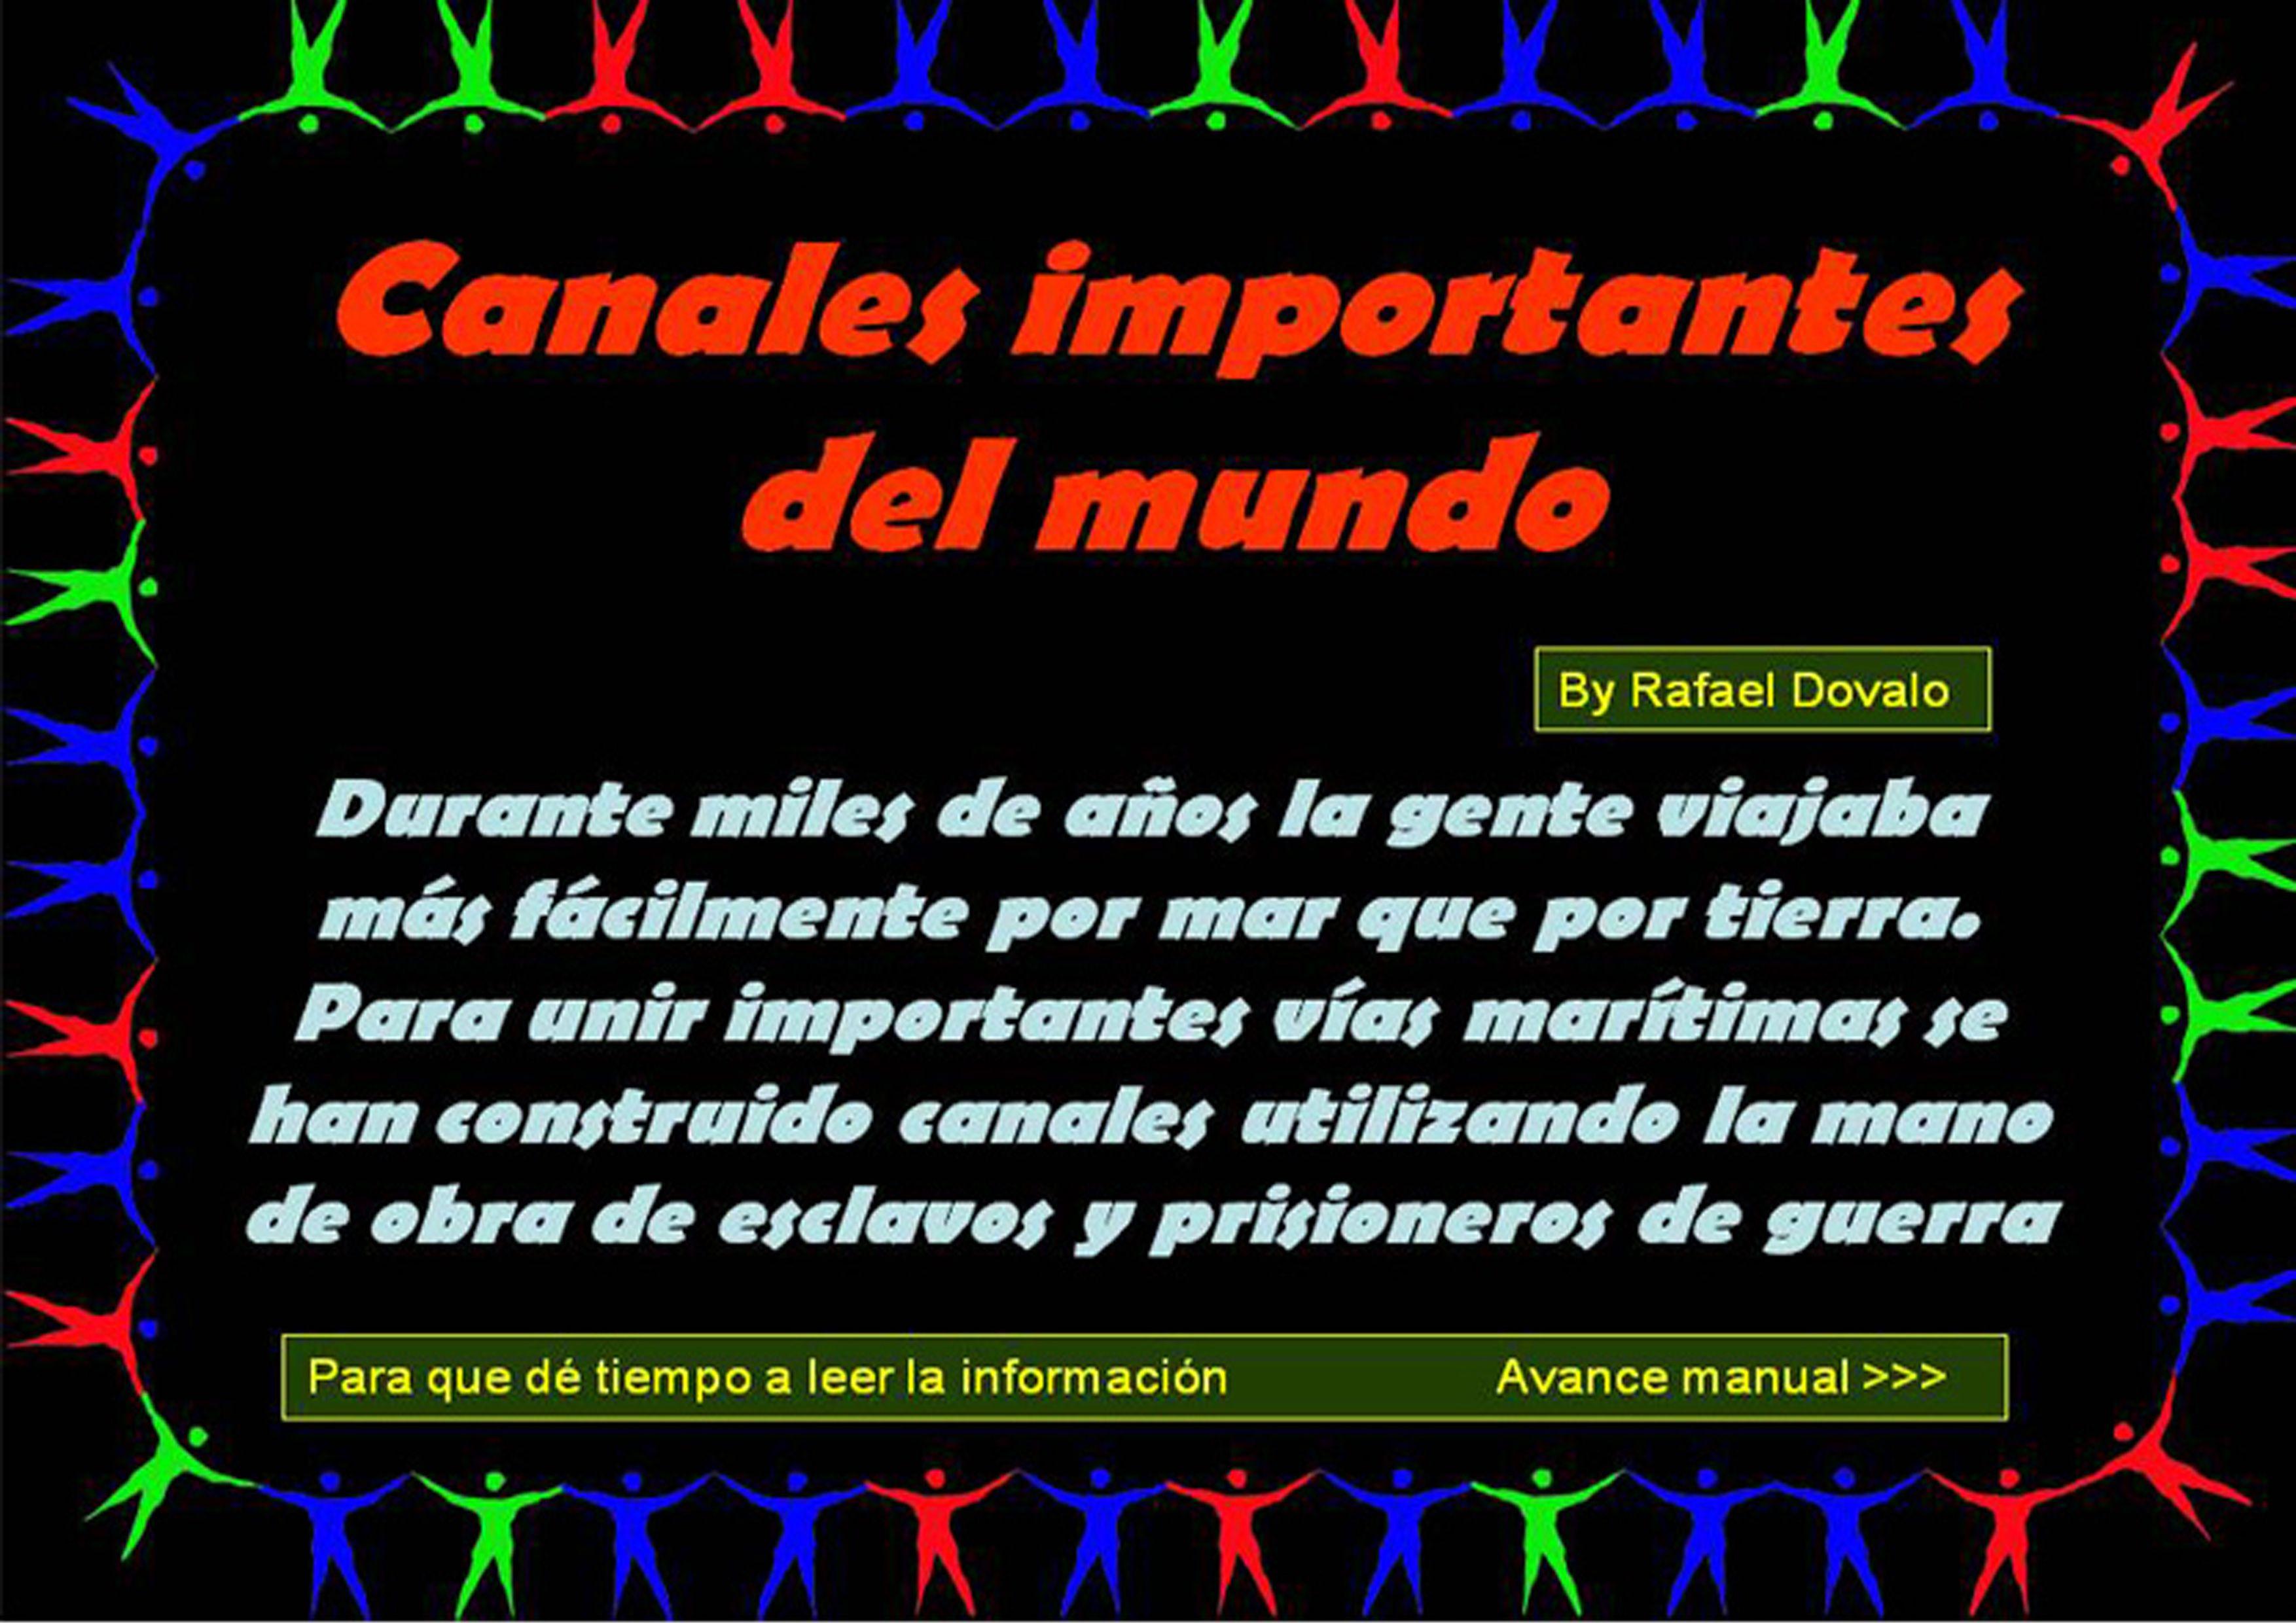 CANAIS IMPORTANTES DO MUNDO